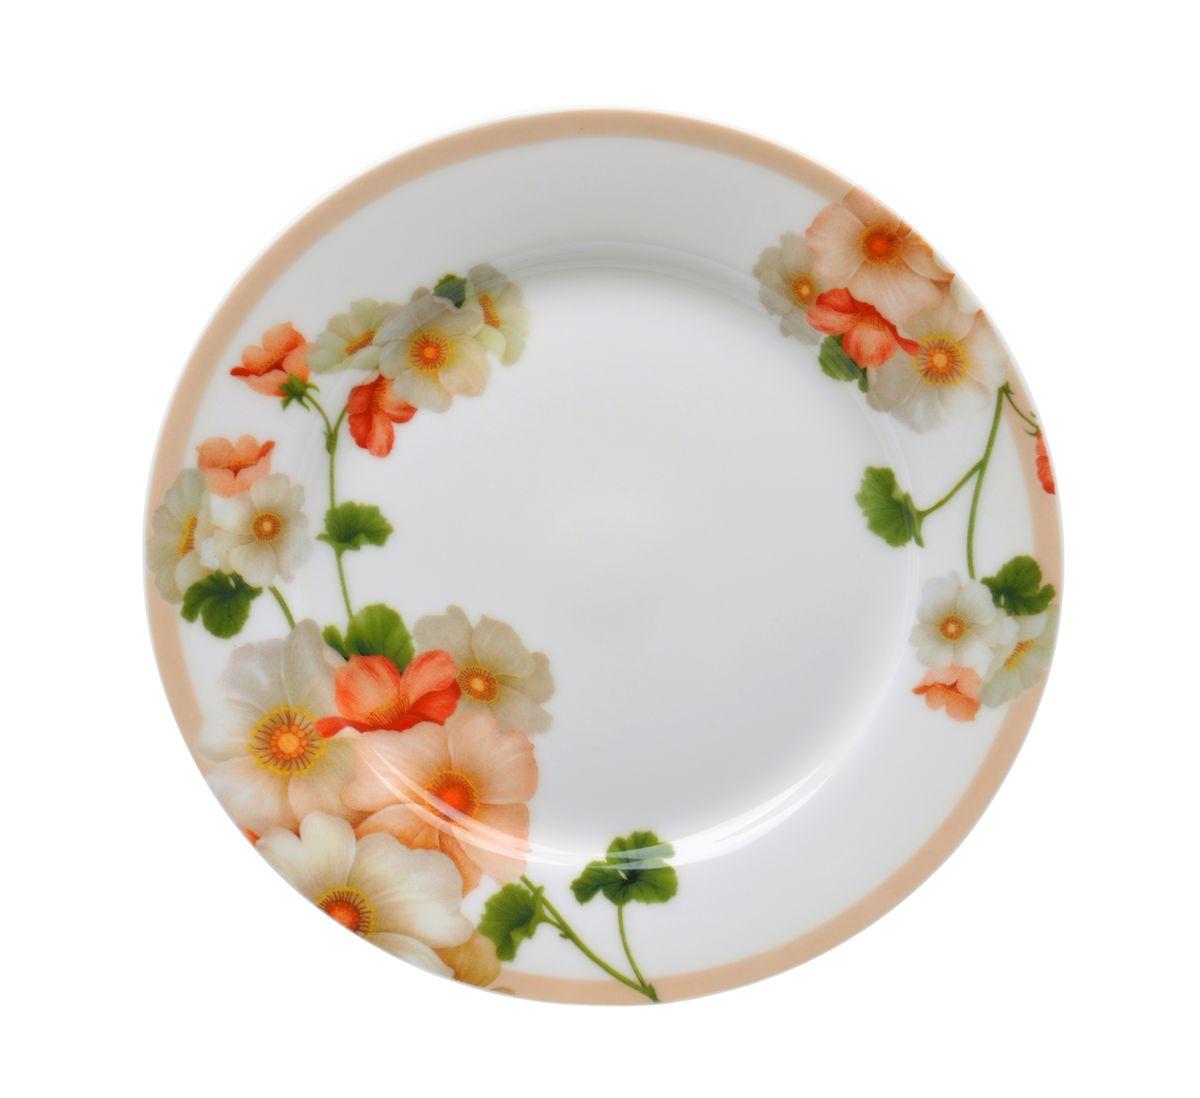 """Тарелка десертная Nanshan Porcelain """"Мальва"""" изготовлена из высококачественного фарфора. Предназначена для красивой подачи различных блюд. Изделие декорировано цветочным рисунком.  Такая тарелка украсит сервировку стола и подчеркнет прекрасный вкус хозяйки. Можно мыть в посудомоечной машине и использовать в СВЧ.  Диаметр: 19 см. Высота: 1,5 см."""